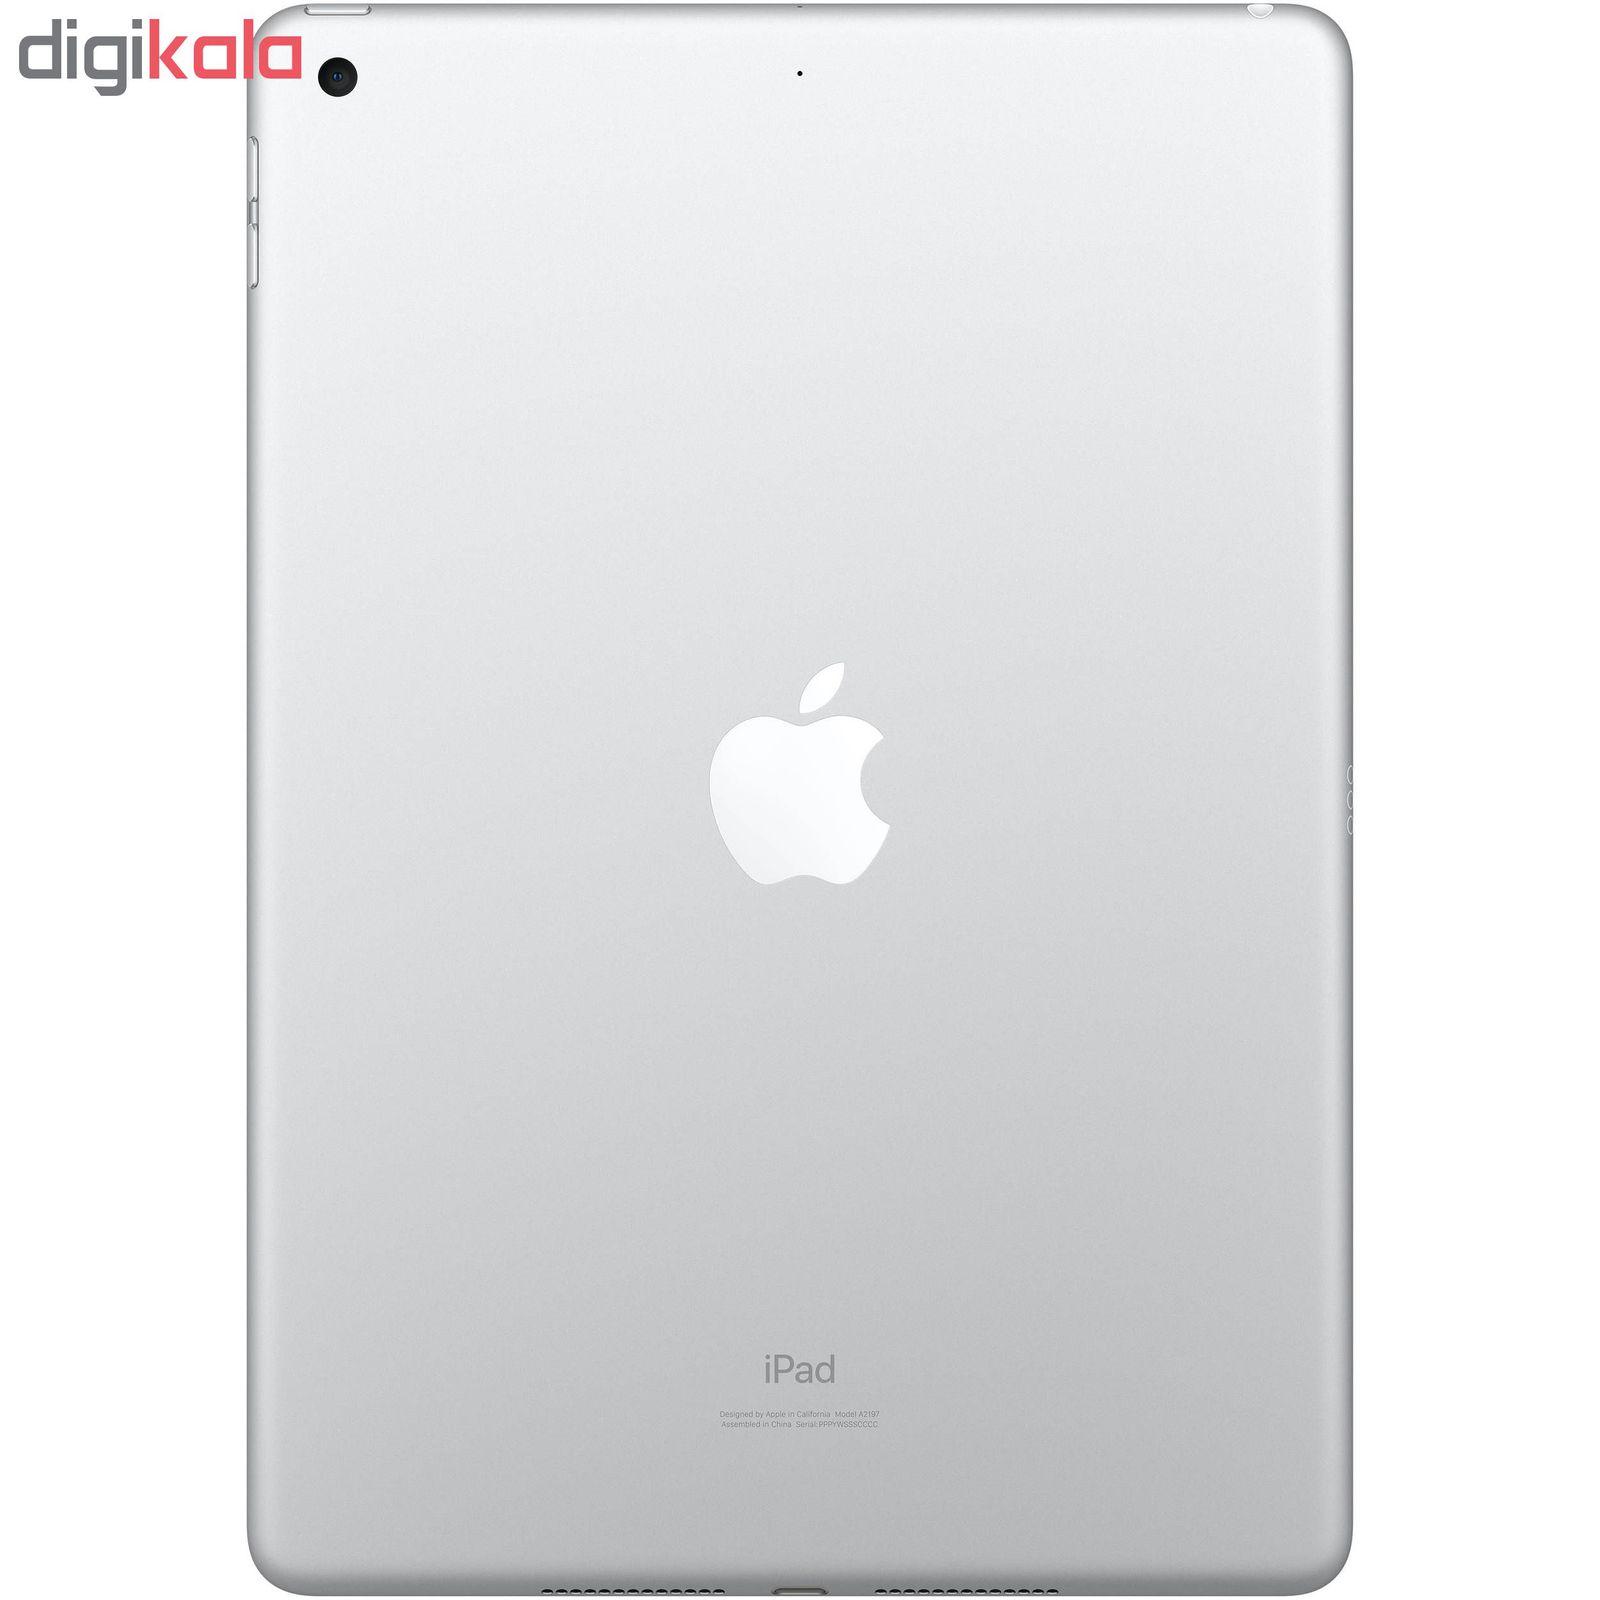 تبلت اپل مدل iPad 10.2 inch 2019 WiFi ظرفیت 32 گیگابایت main 1 6